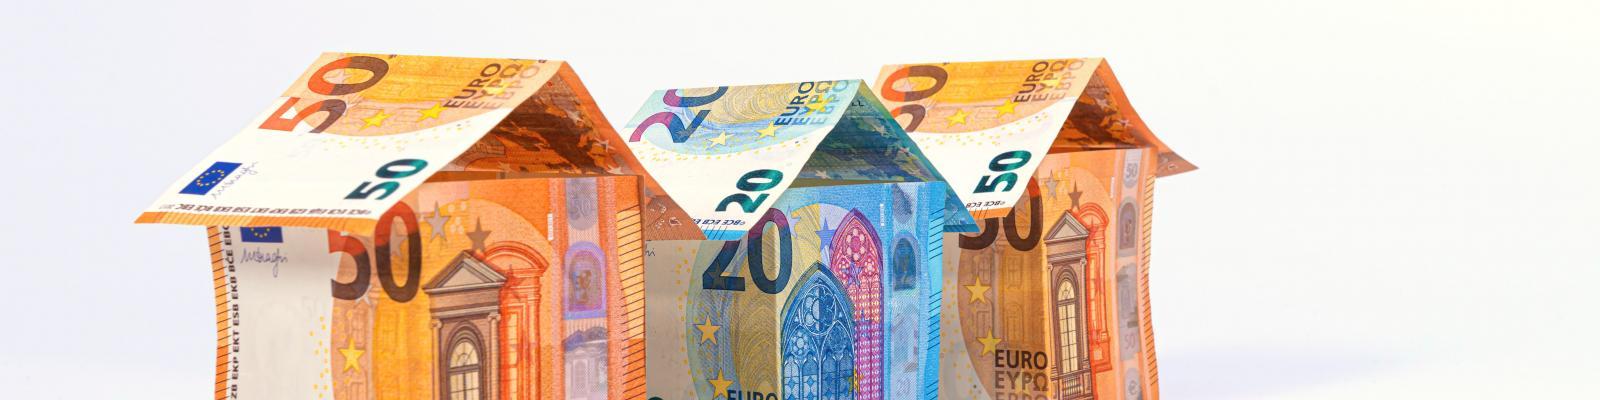 Prévenir le blanchiment d'argent par le biais de prêts et de biens immobiliers : ce qu'un intermédiaire de crédit doit savoir